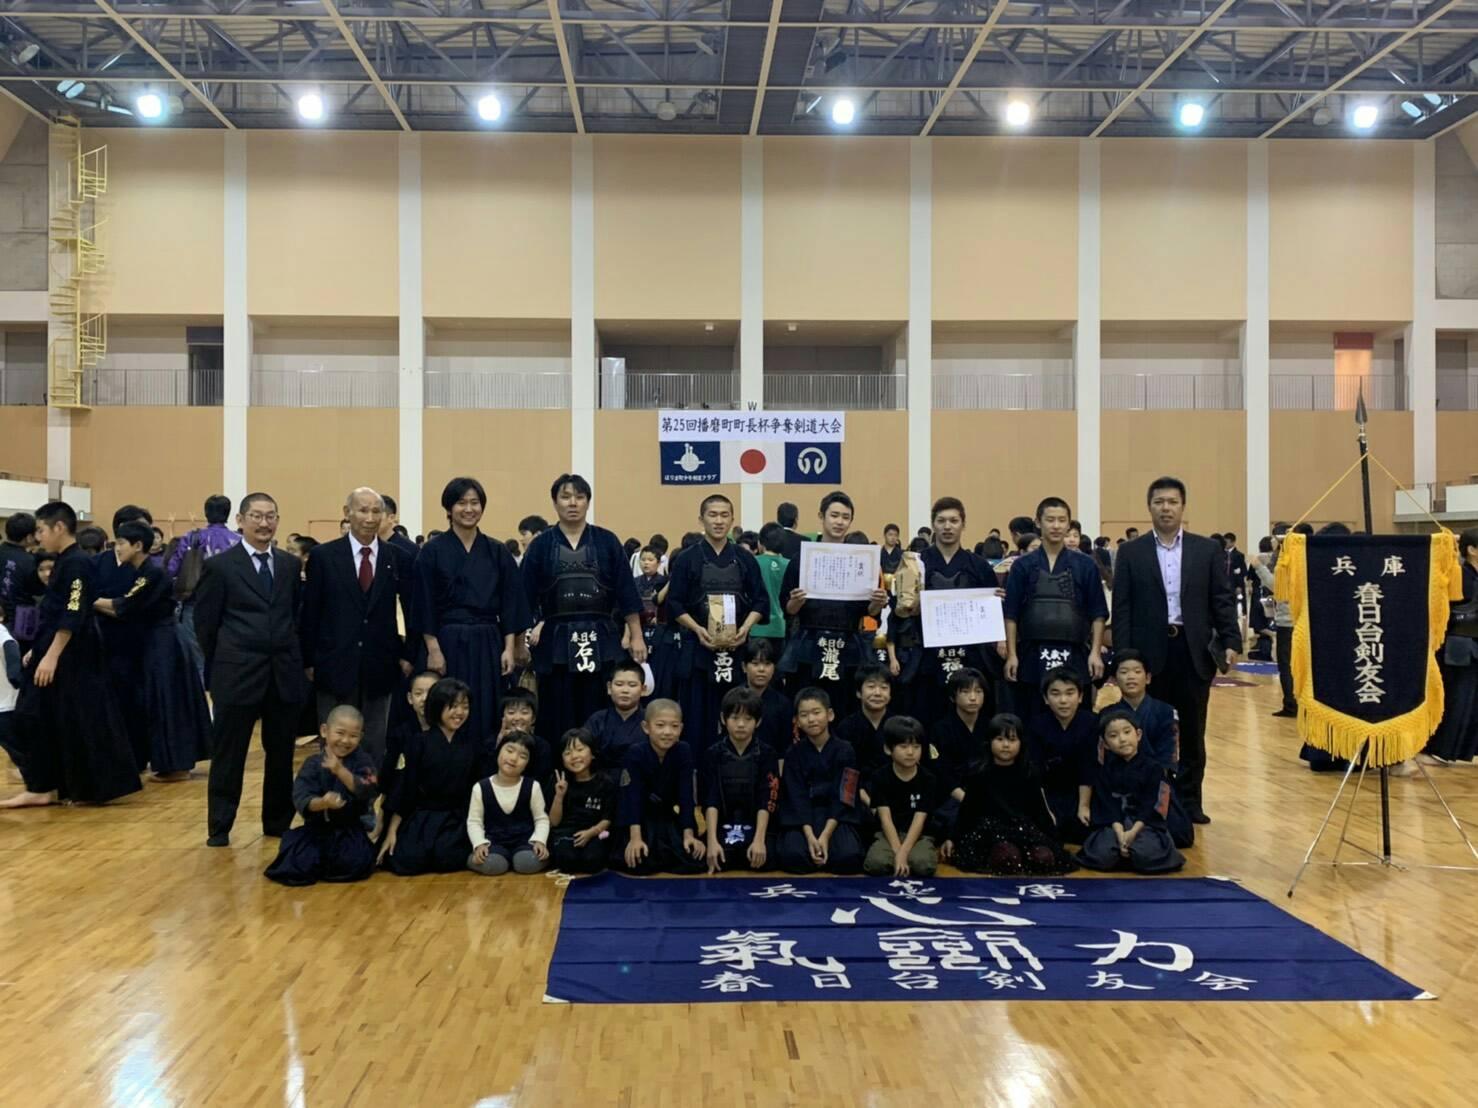 第25回播磨町長杯争奪剣道大会に参加しました